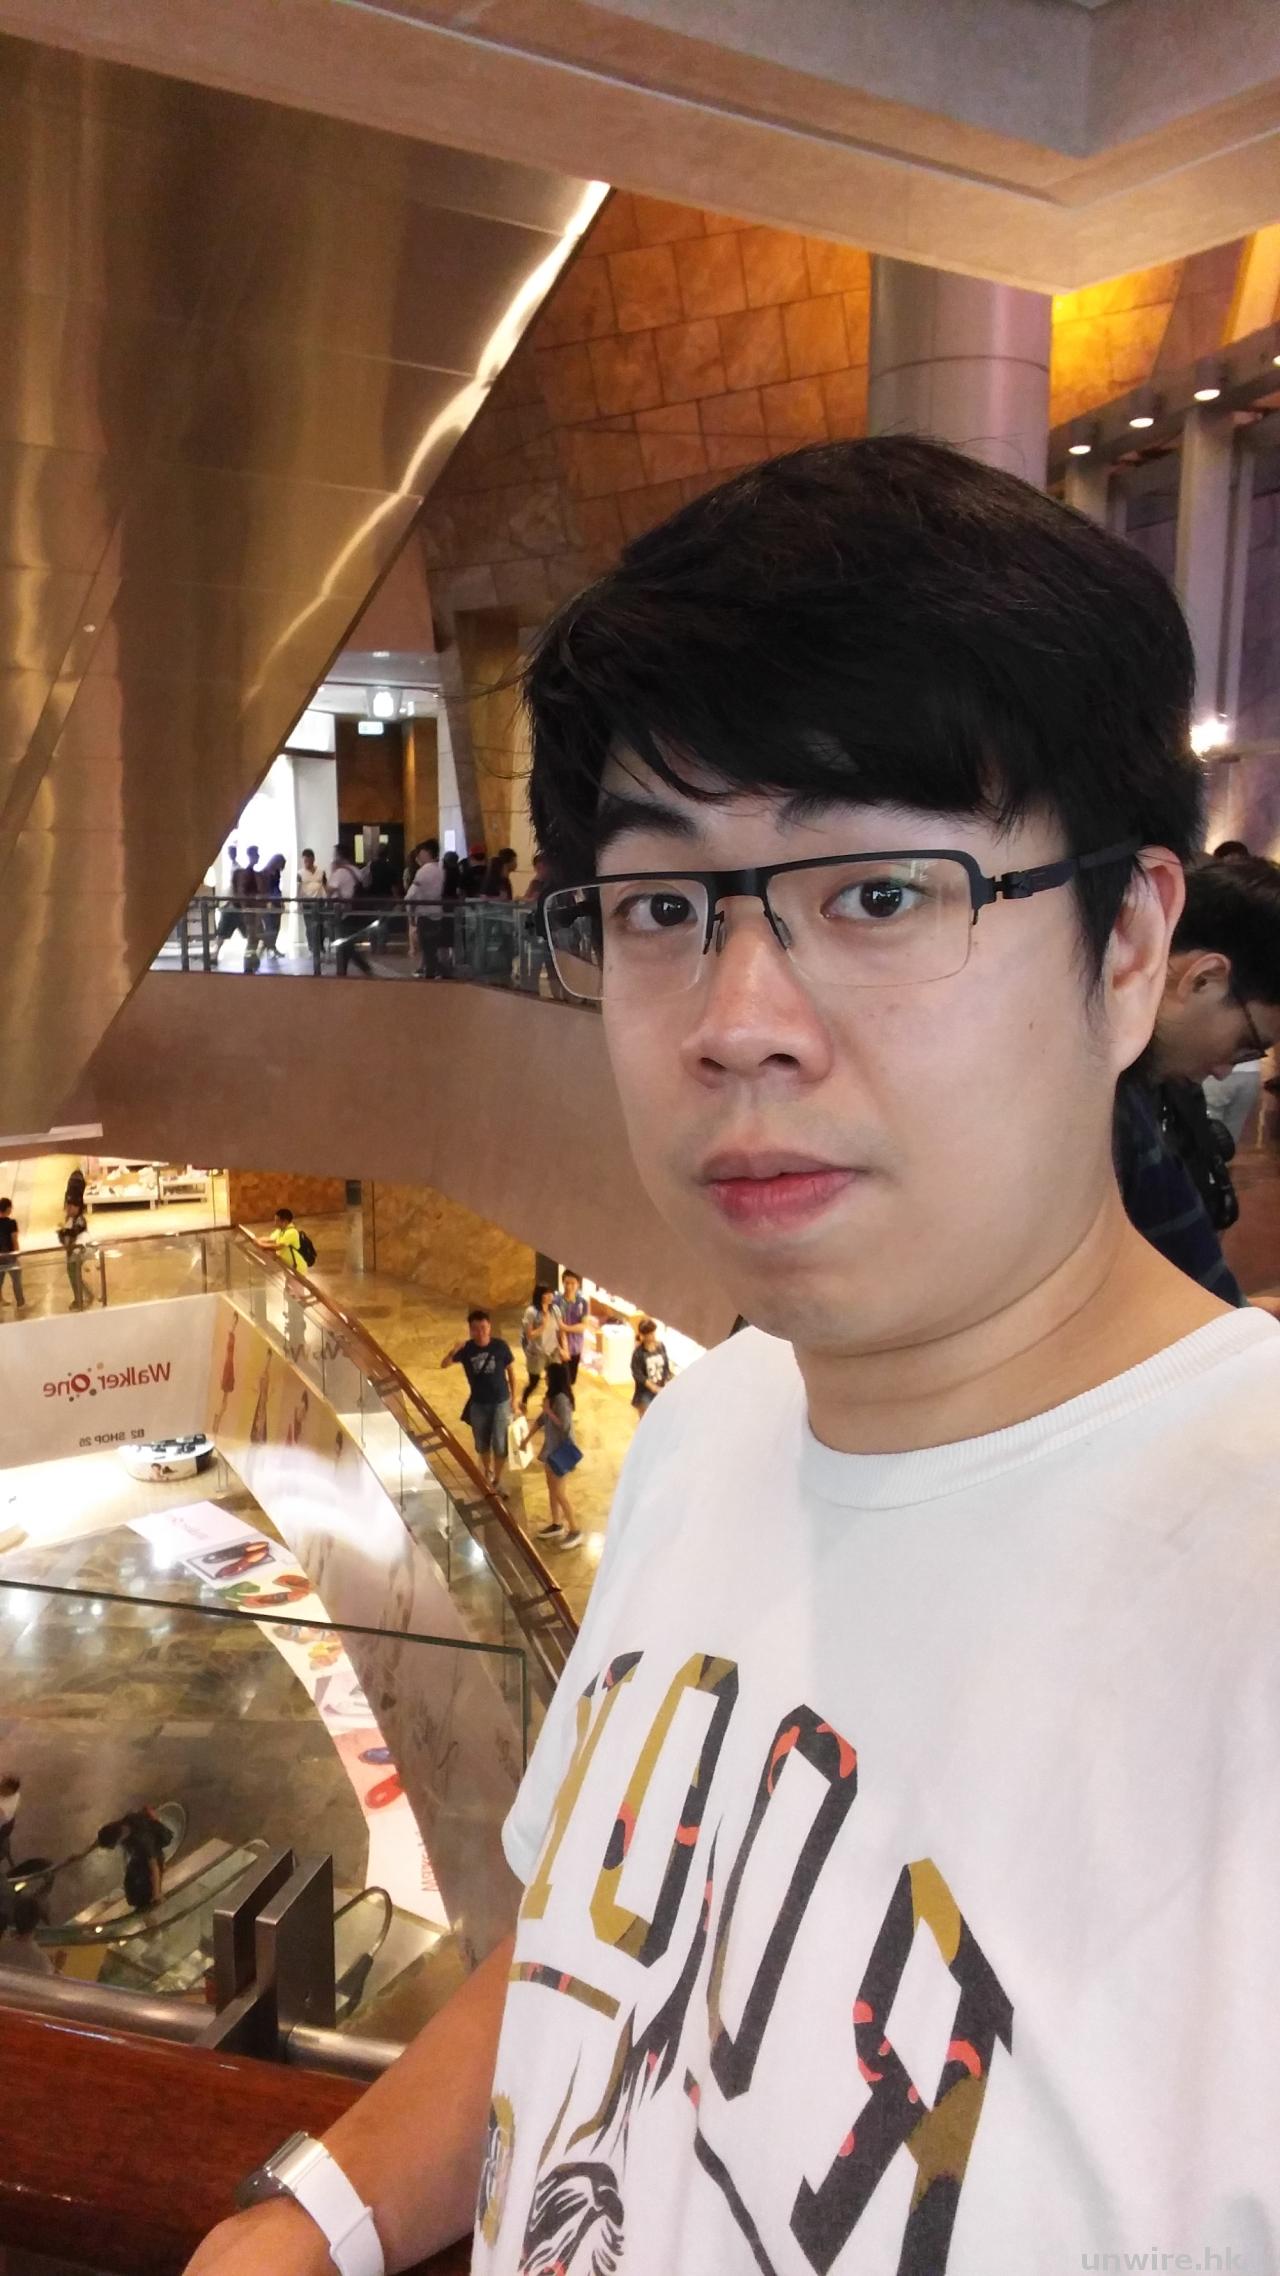 小編 :「睇樣似冇升級 用落見真章」- LG G4 手機評測